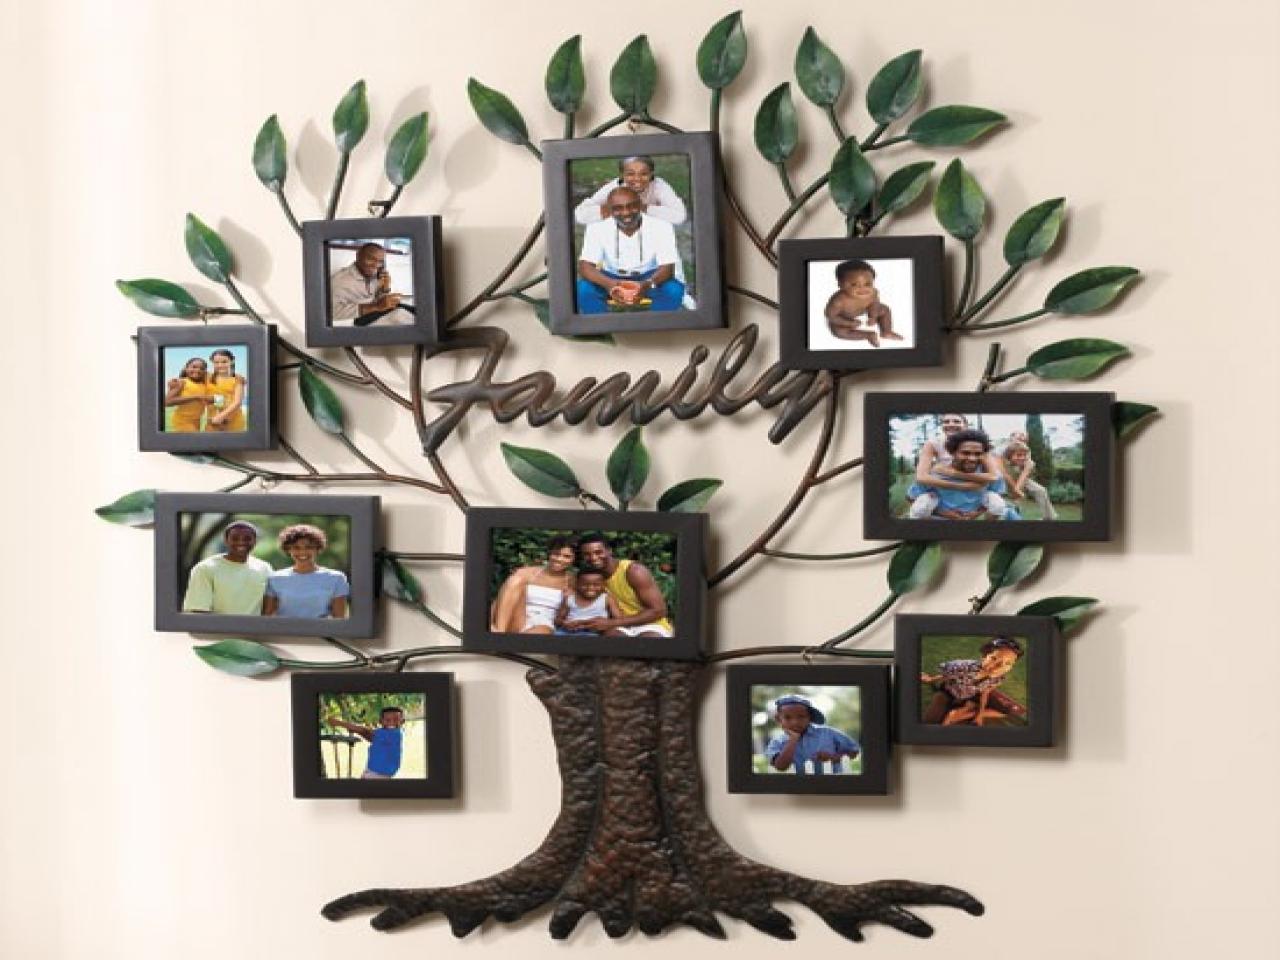 постоянно, цвет как сделать дерево с фотографиями изображения, сгенерированные помощью